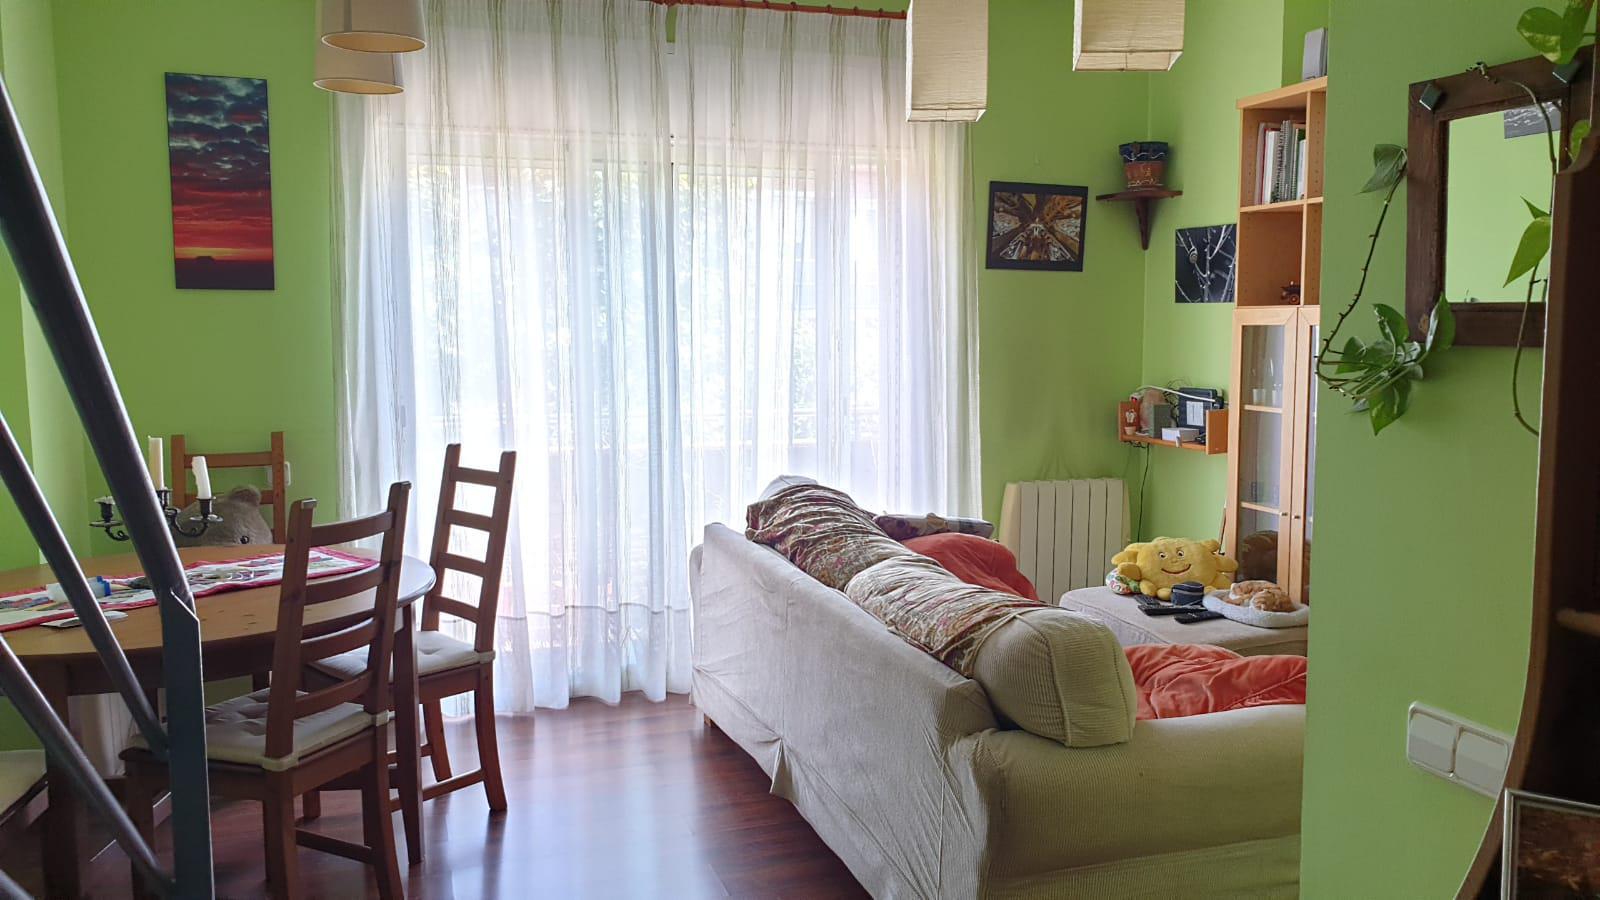 Imagen 1 Piso en venta en Badalona / A 3 minutos del Cap de Bufala